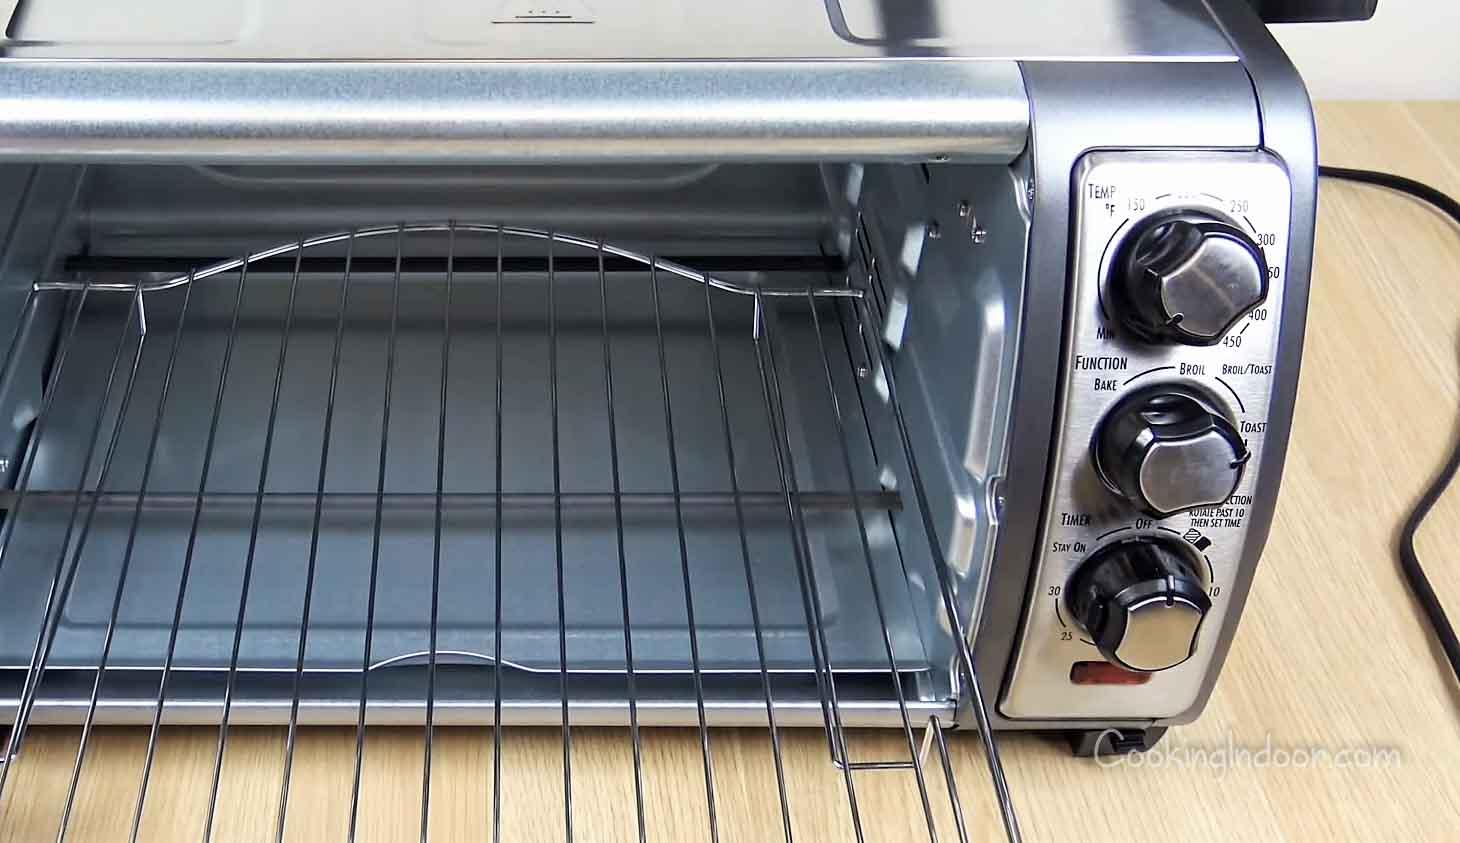 Best Hamilton Beach toaster oven